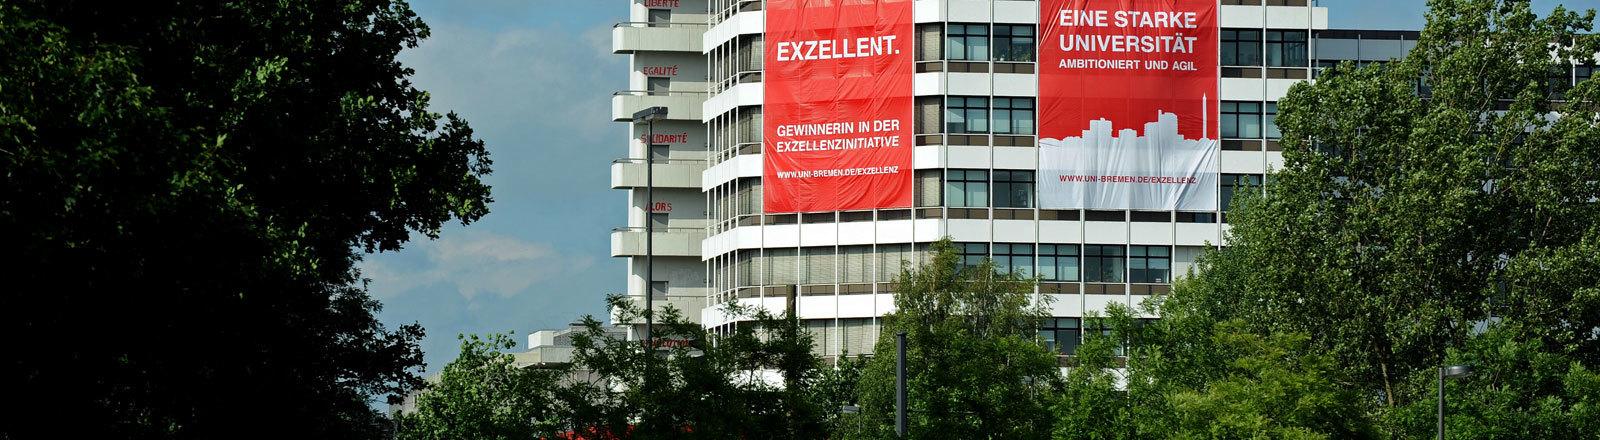 Gebäude  der Universität Bremen